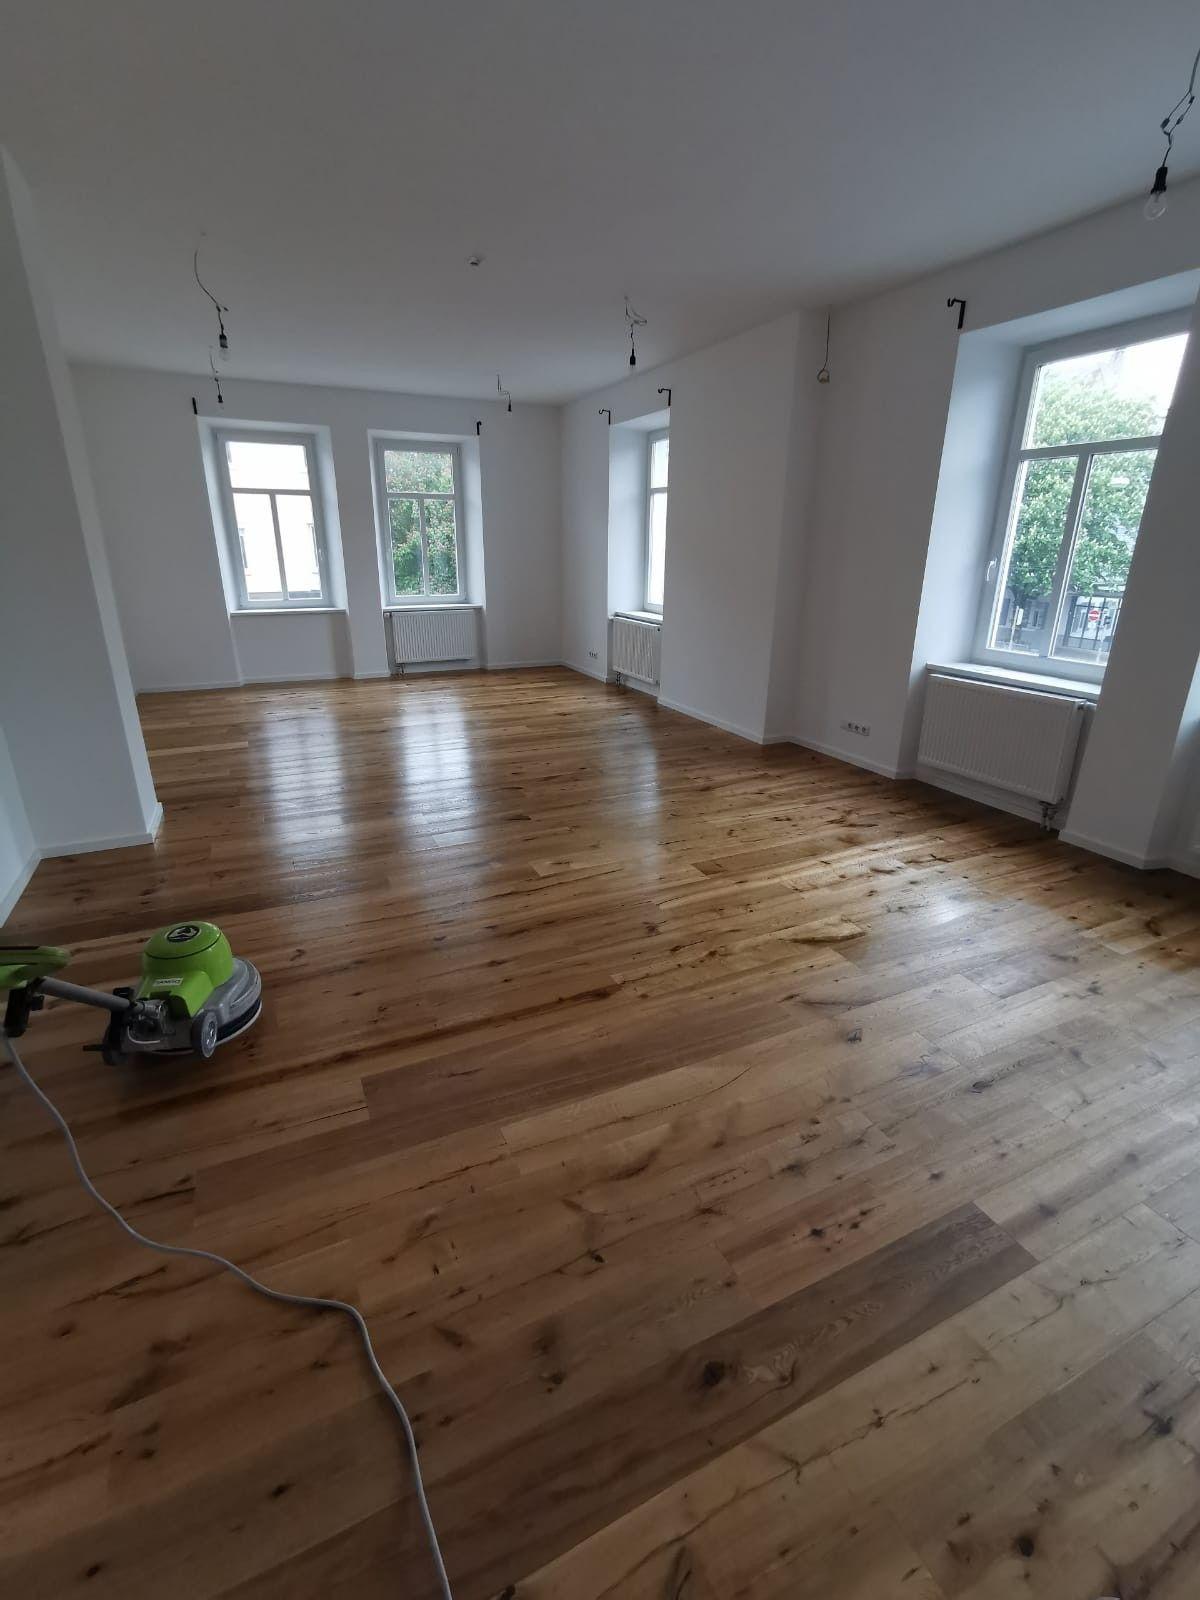 Parkett Richtig Einpflegen Olen In 2020 Parkett Wohnung Boden